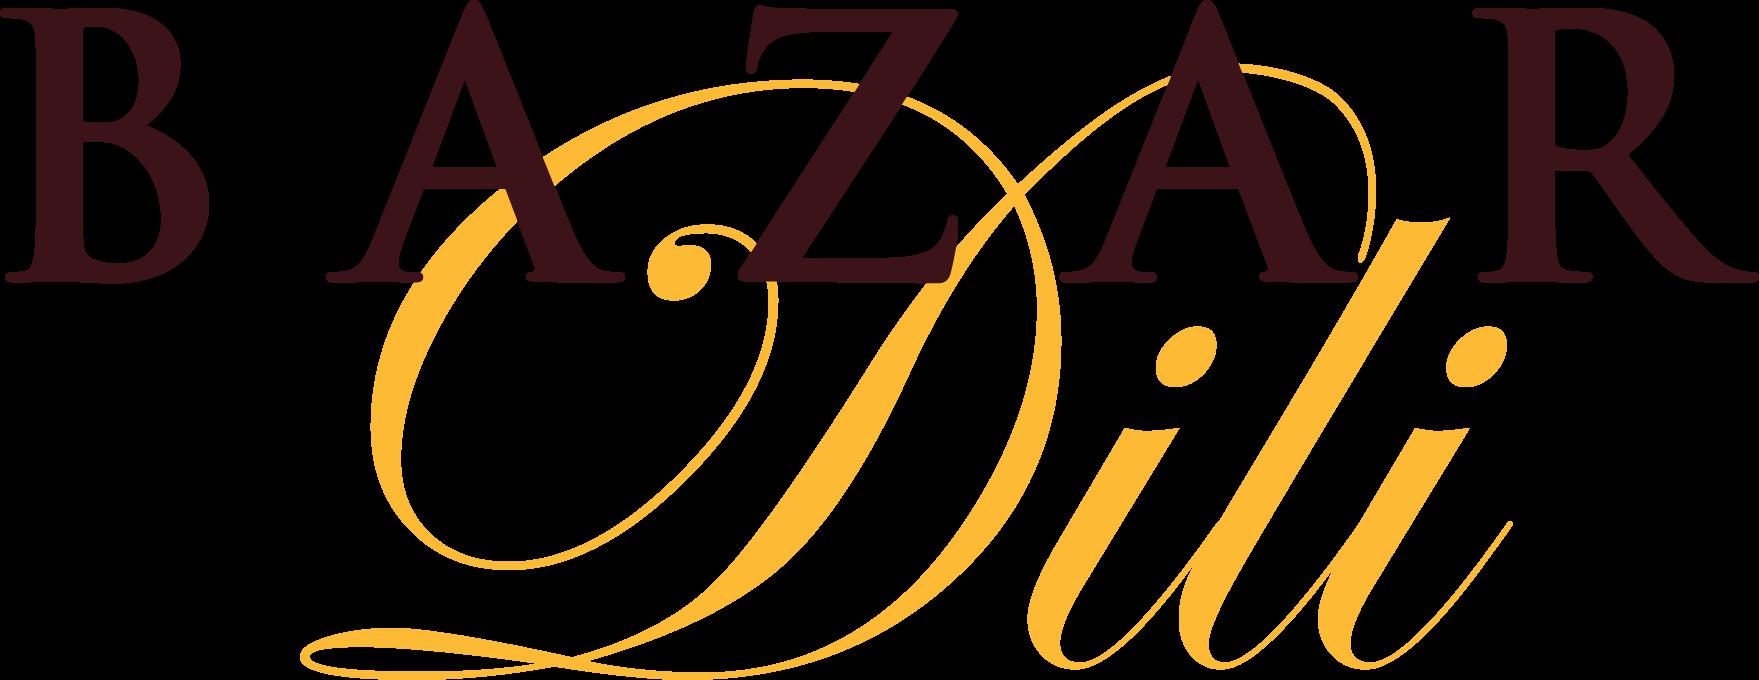 Bazar Dili